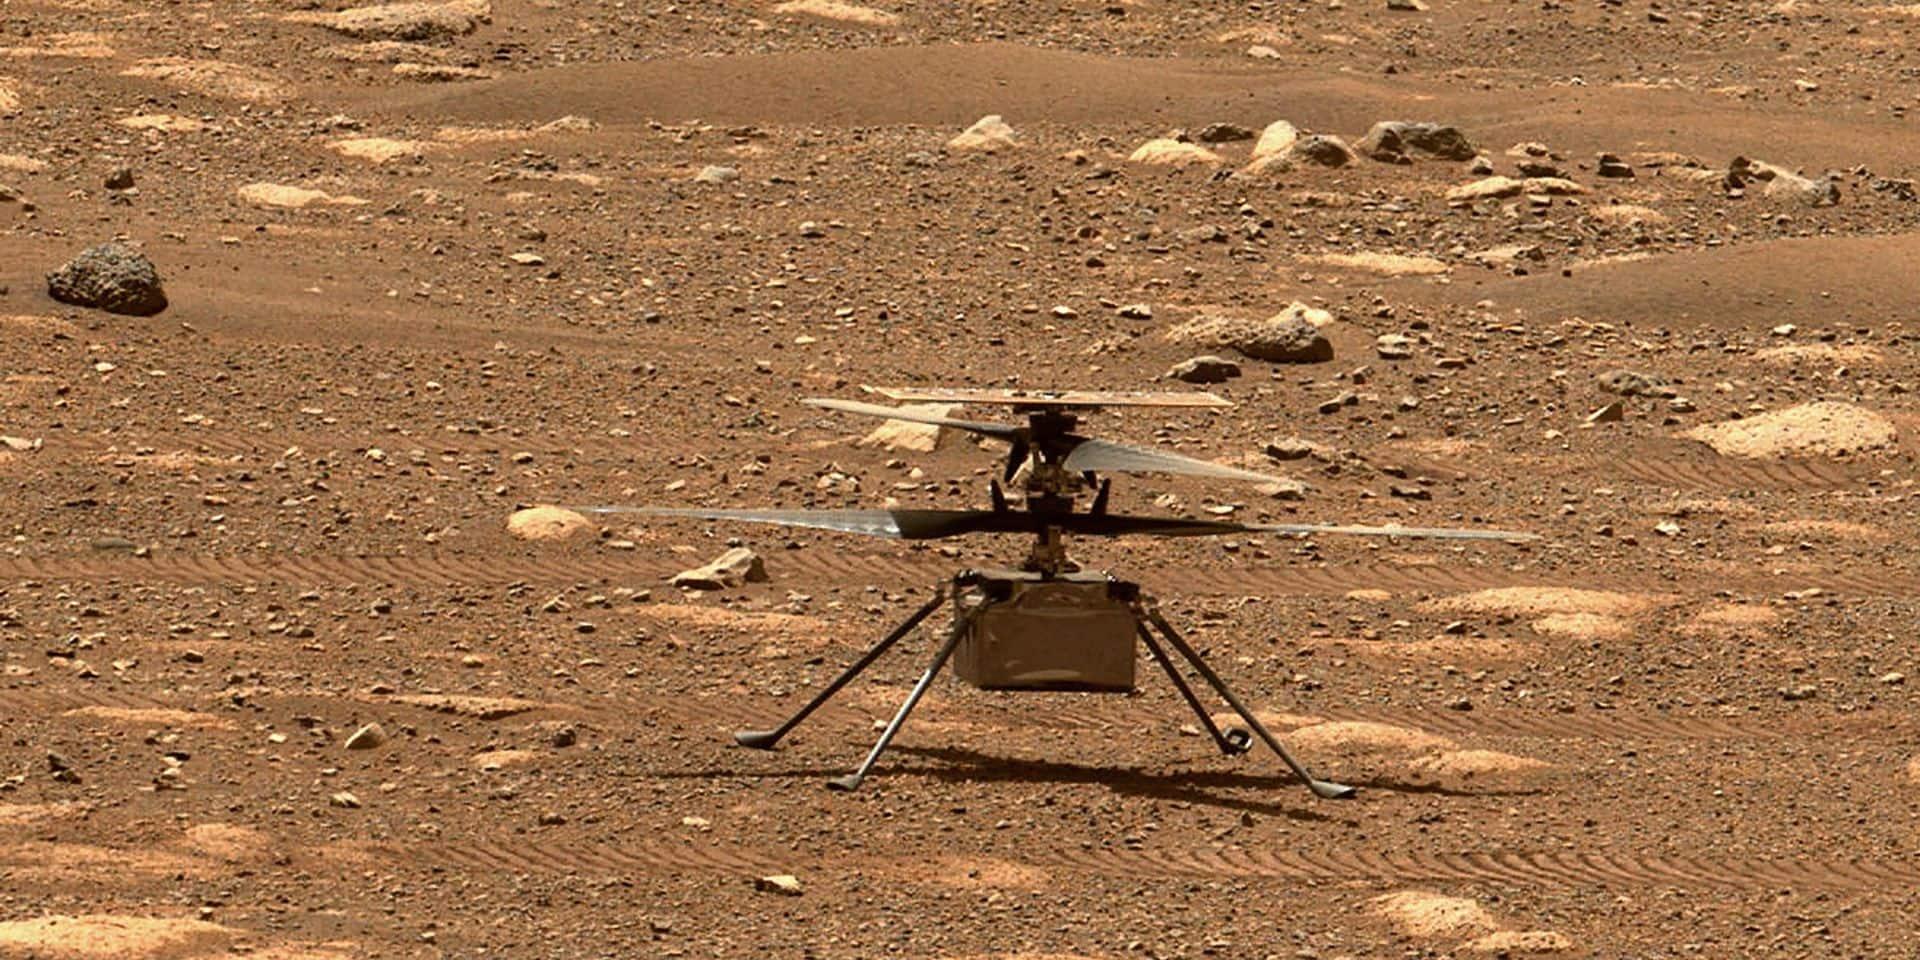 L'hélicoptère Ingenuity de la Nasa pourrait voler sur Mars ce lundi